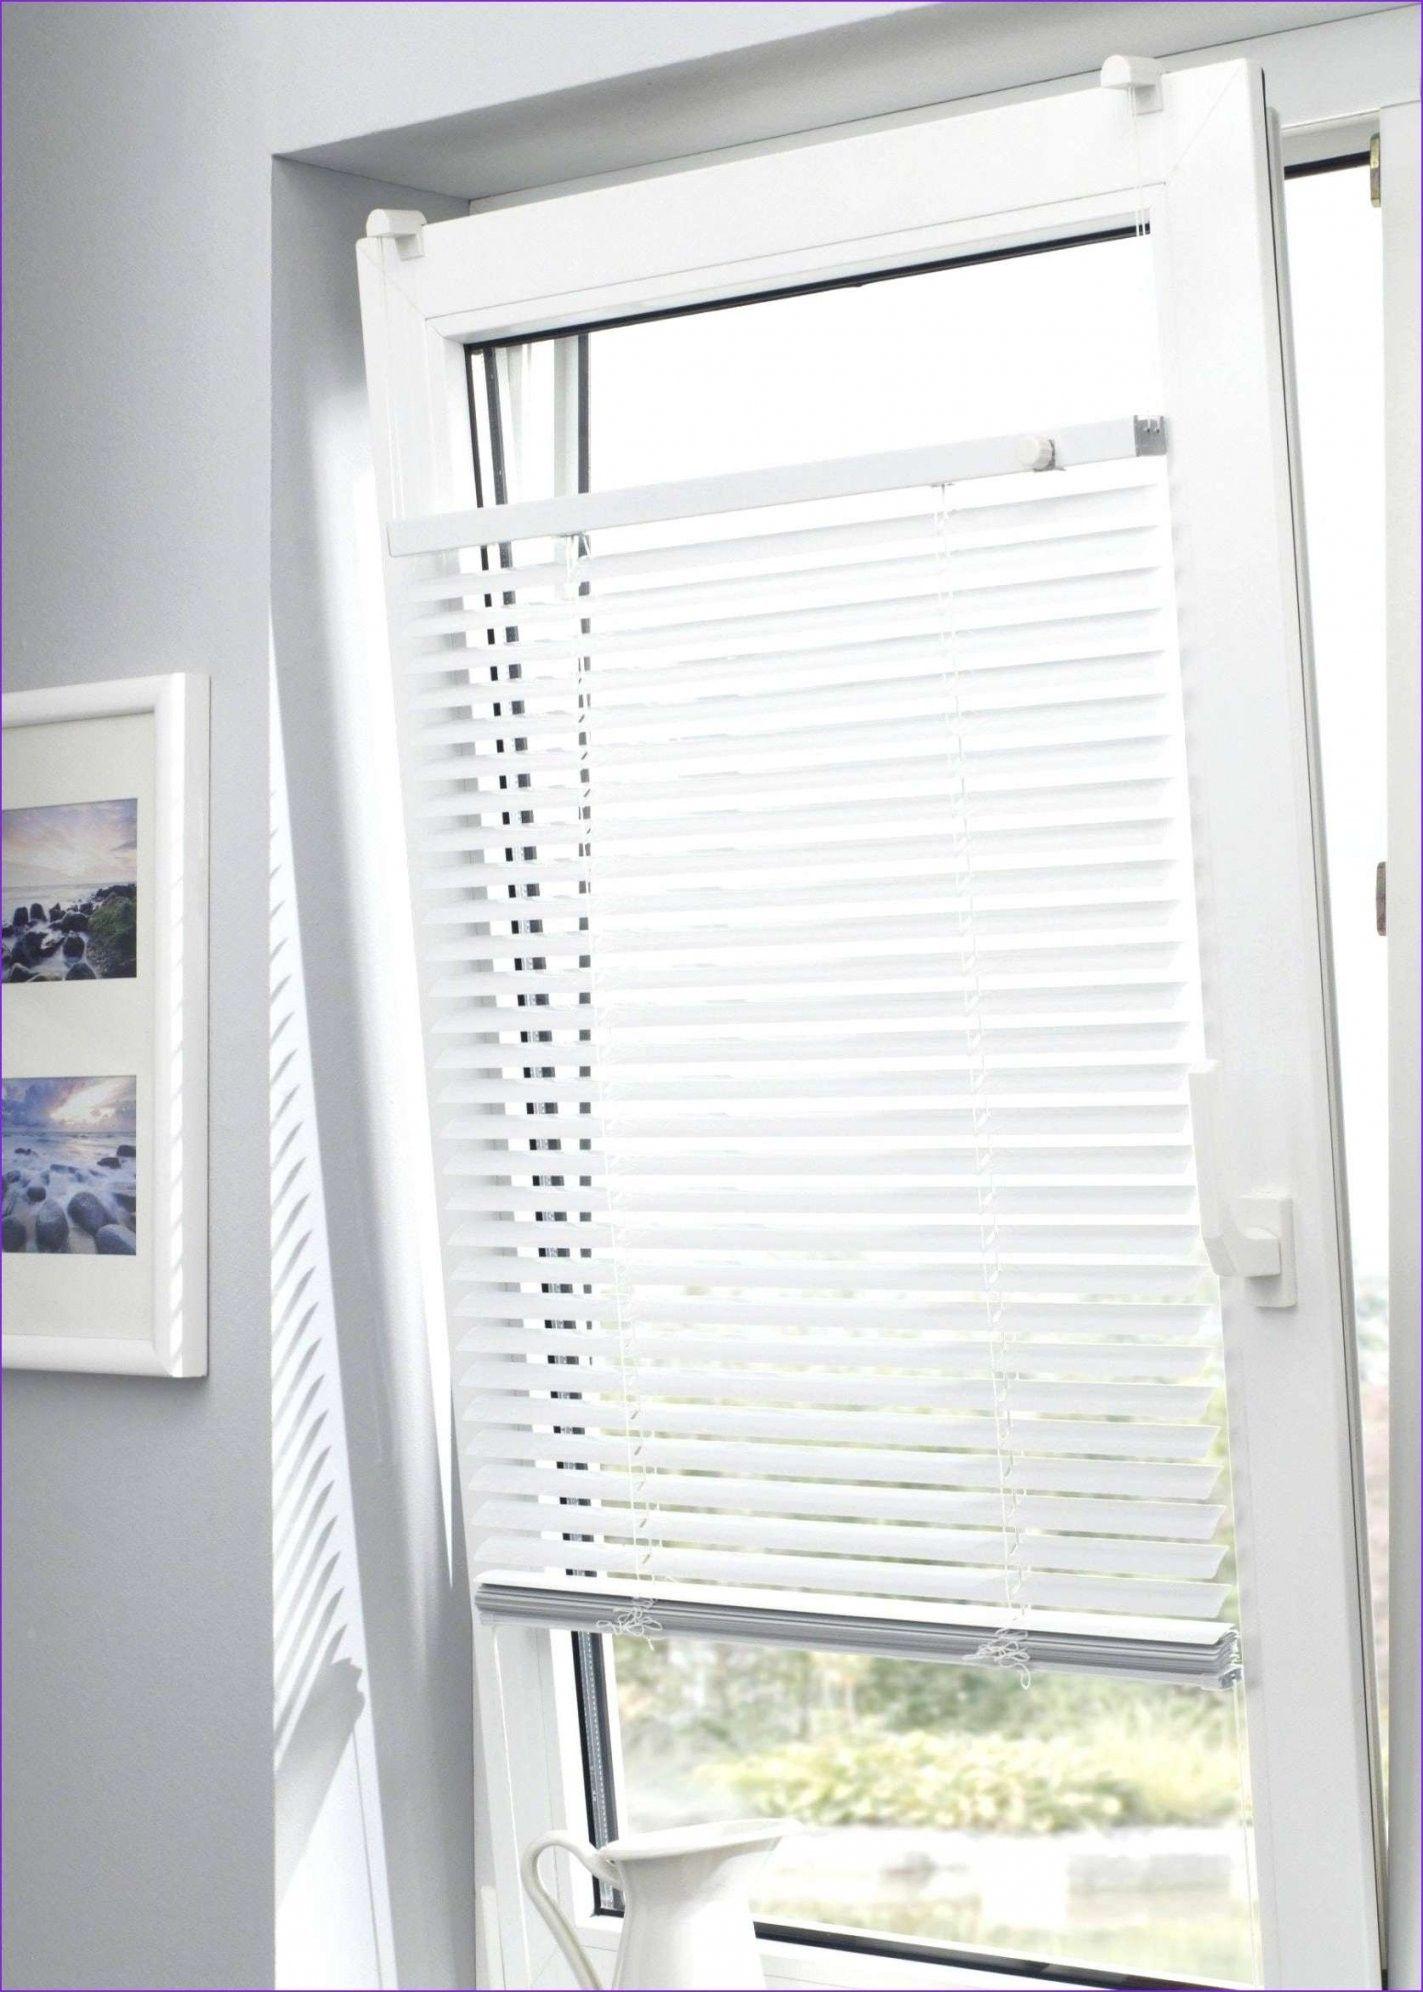 Fenster Rollos Fur Innen Ohne Bohren Fenster Mit Einbruchschutz Von Fenster Jalousien Innen Ohne Bohr In 2020 Fenster Jalousien Fenster Jalousie Innen Jalousien Innen